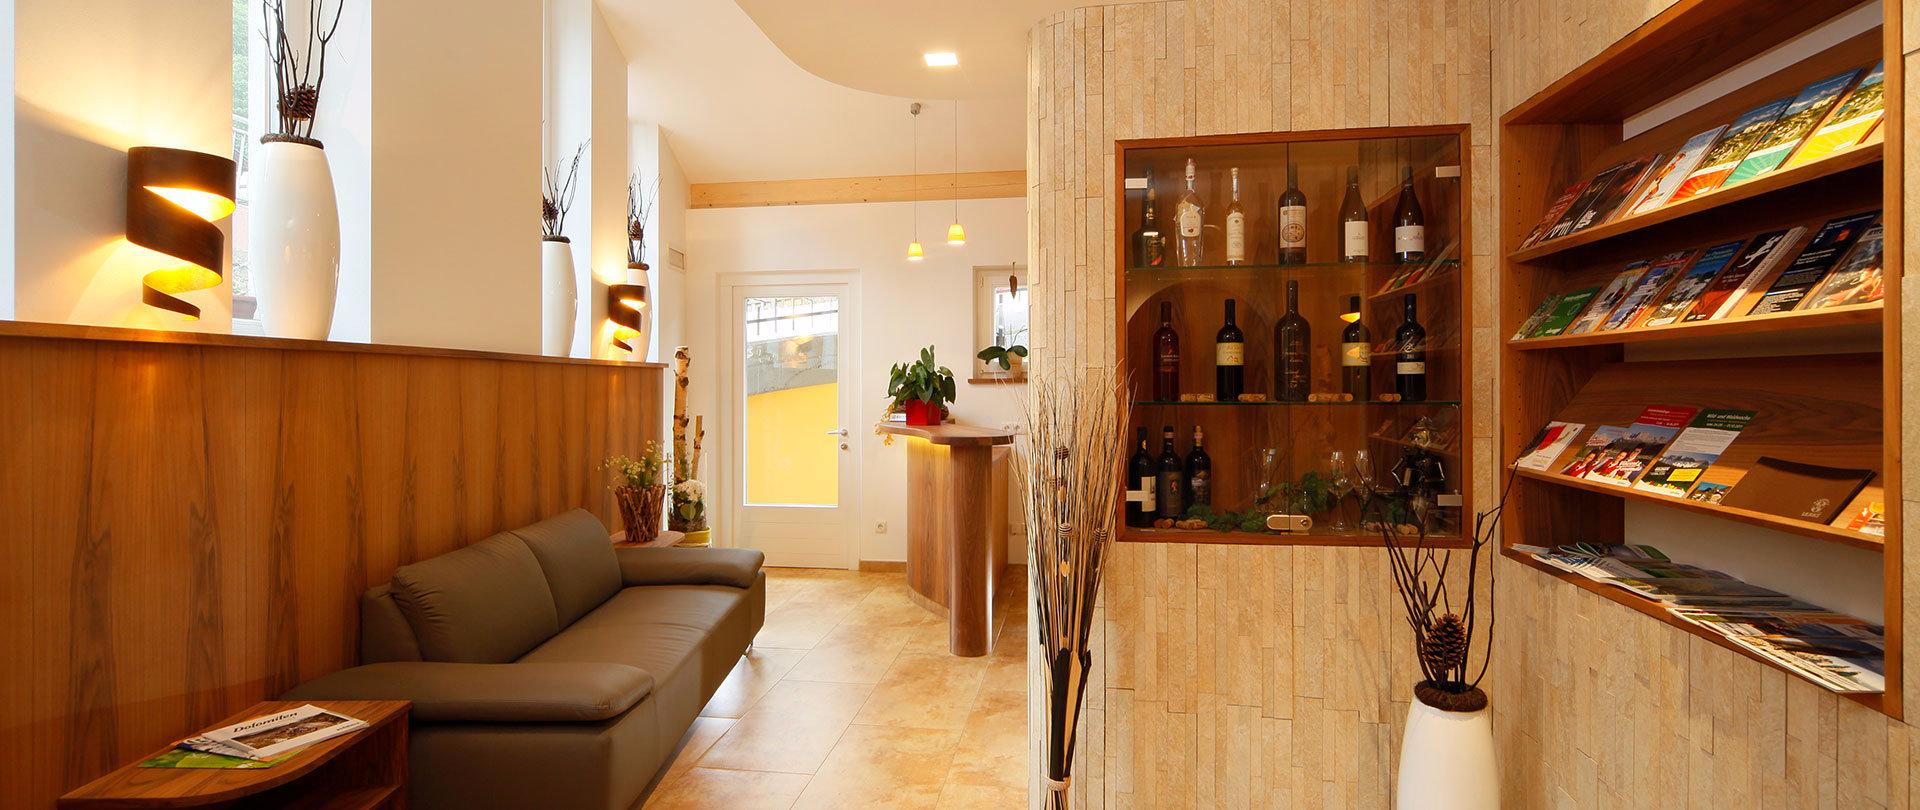 Offerte speciali appartamenti vacanze nelle dolomiti for Appartamenti carezza